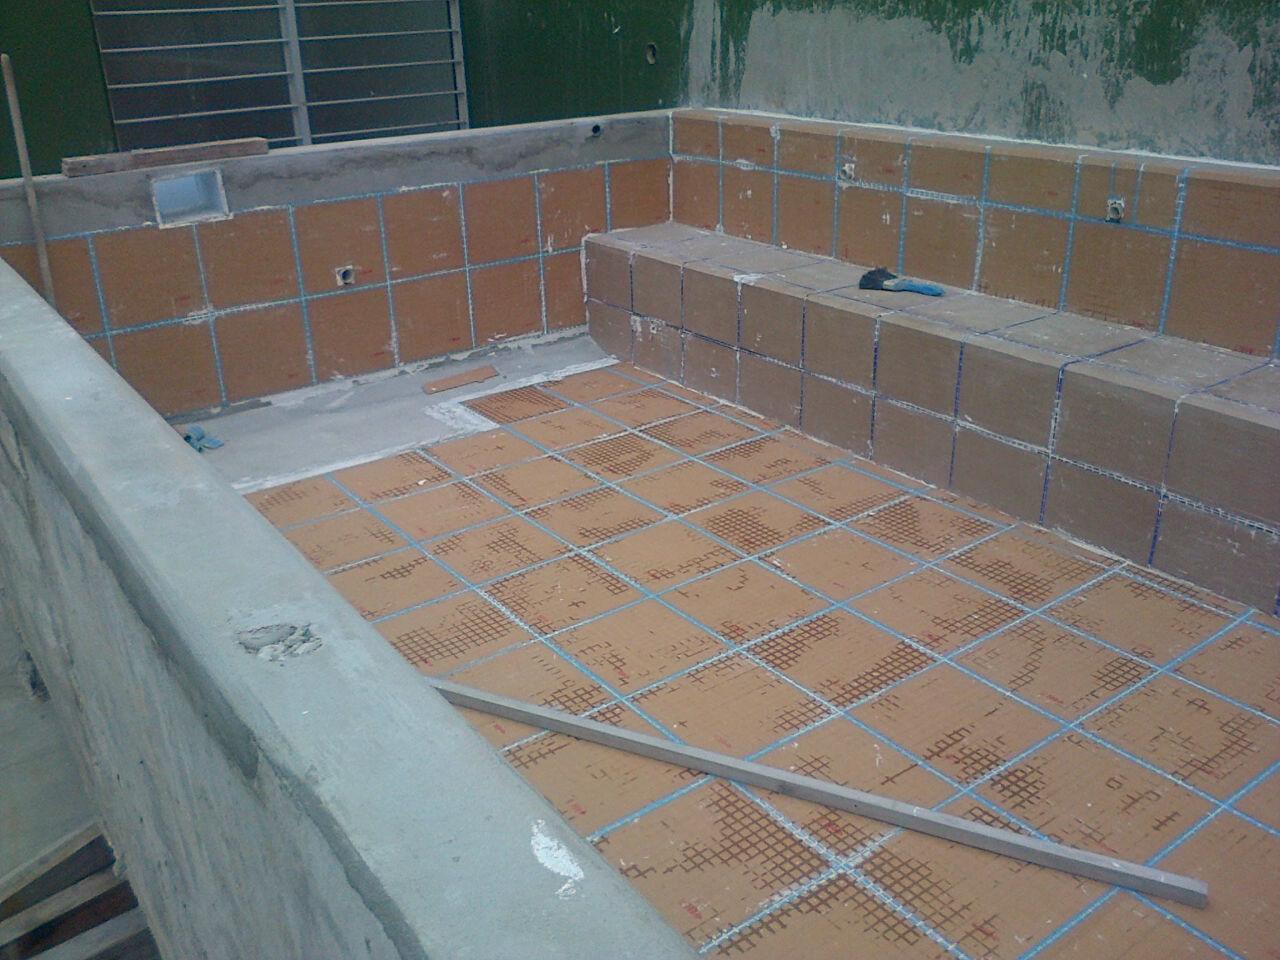 Construcci n de piscinas en terrazas y azoteas nueva for Construccion de piscinas en altura